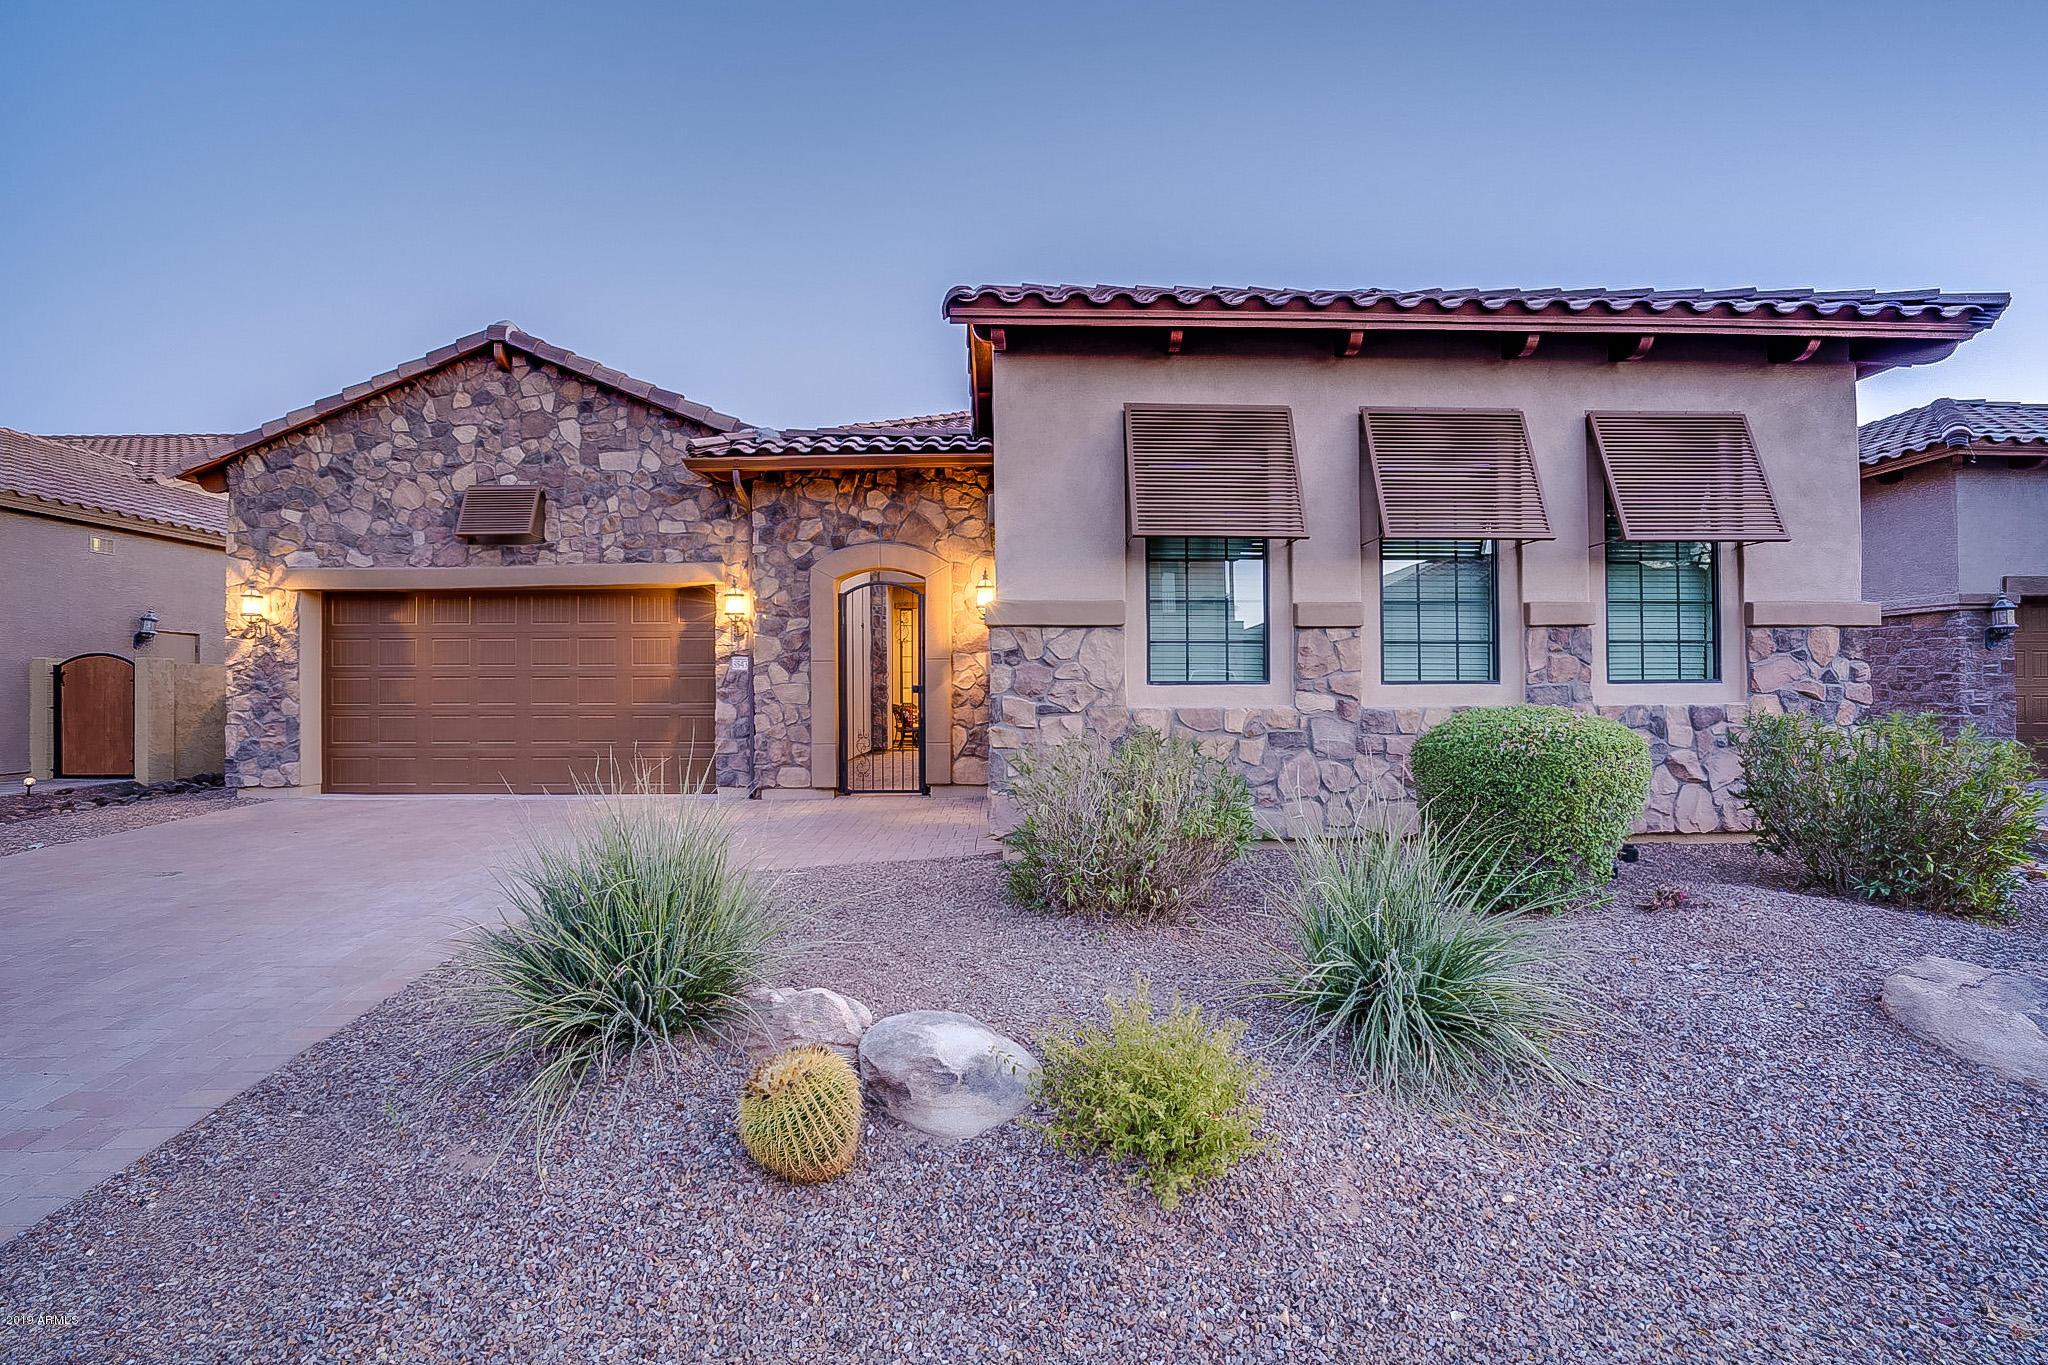 Photo of 8543 E JUNE Street, Mesa, AZ 85207